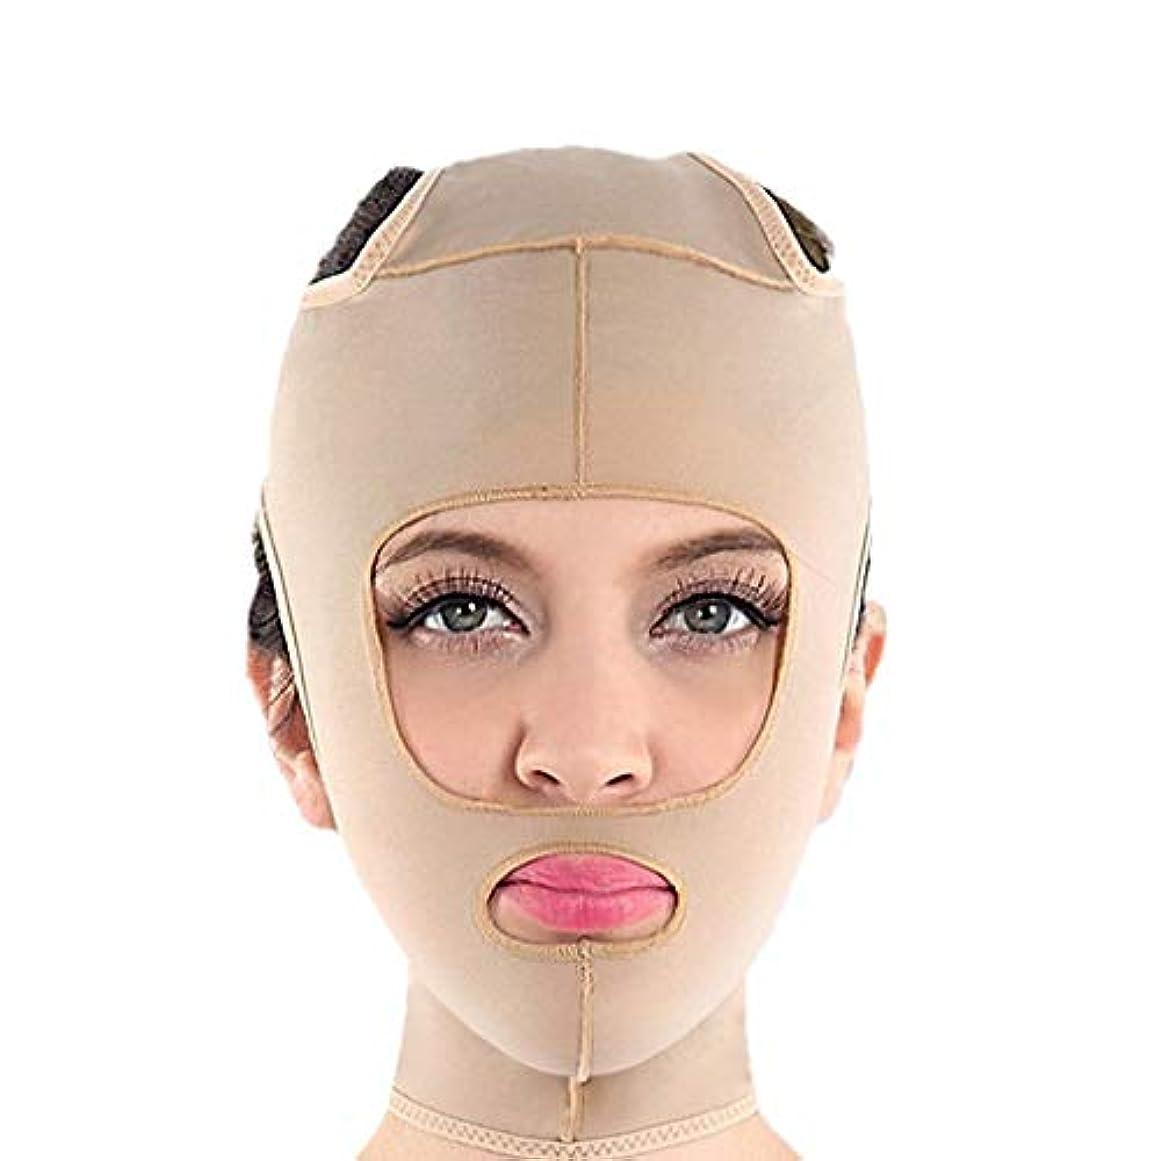 メイエラ余剰土曜日フェイスリフティング、ダブルチンストラップ、フェイシャル減量マスク、ダブルチンを減らすリフティングヌードル、ファーミングフェイス、パワフルリフティングマスク(サイズ:M),S